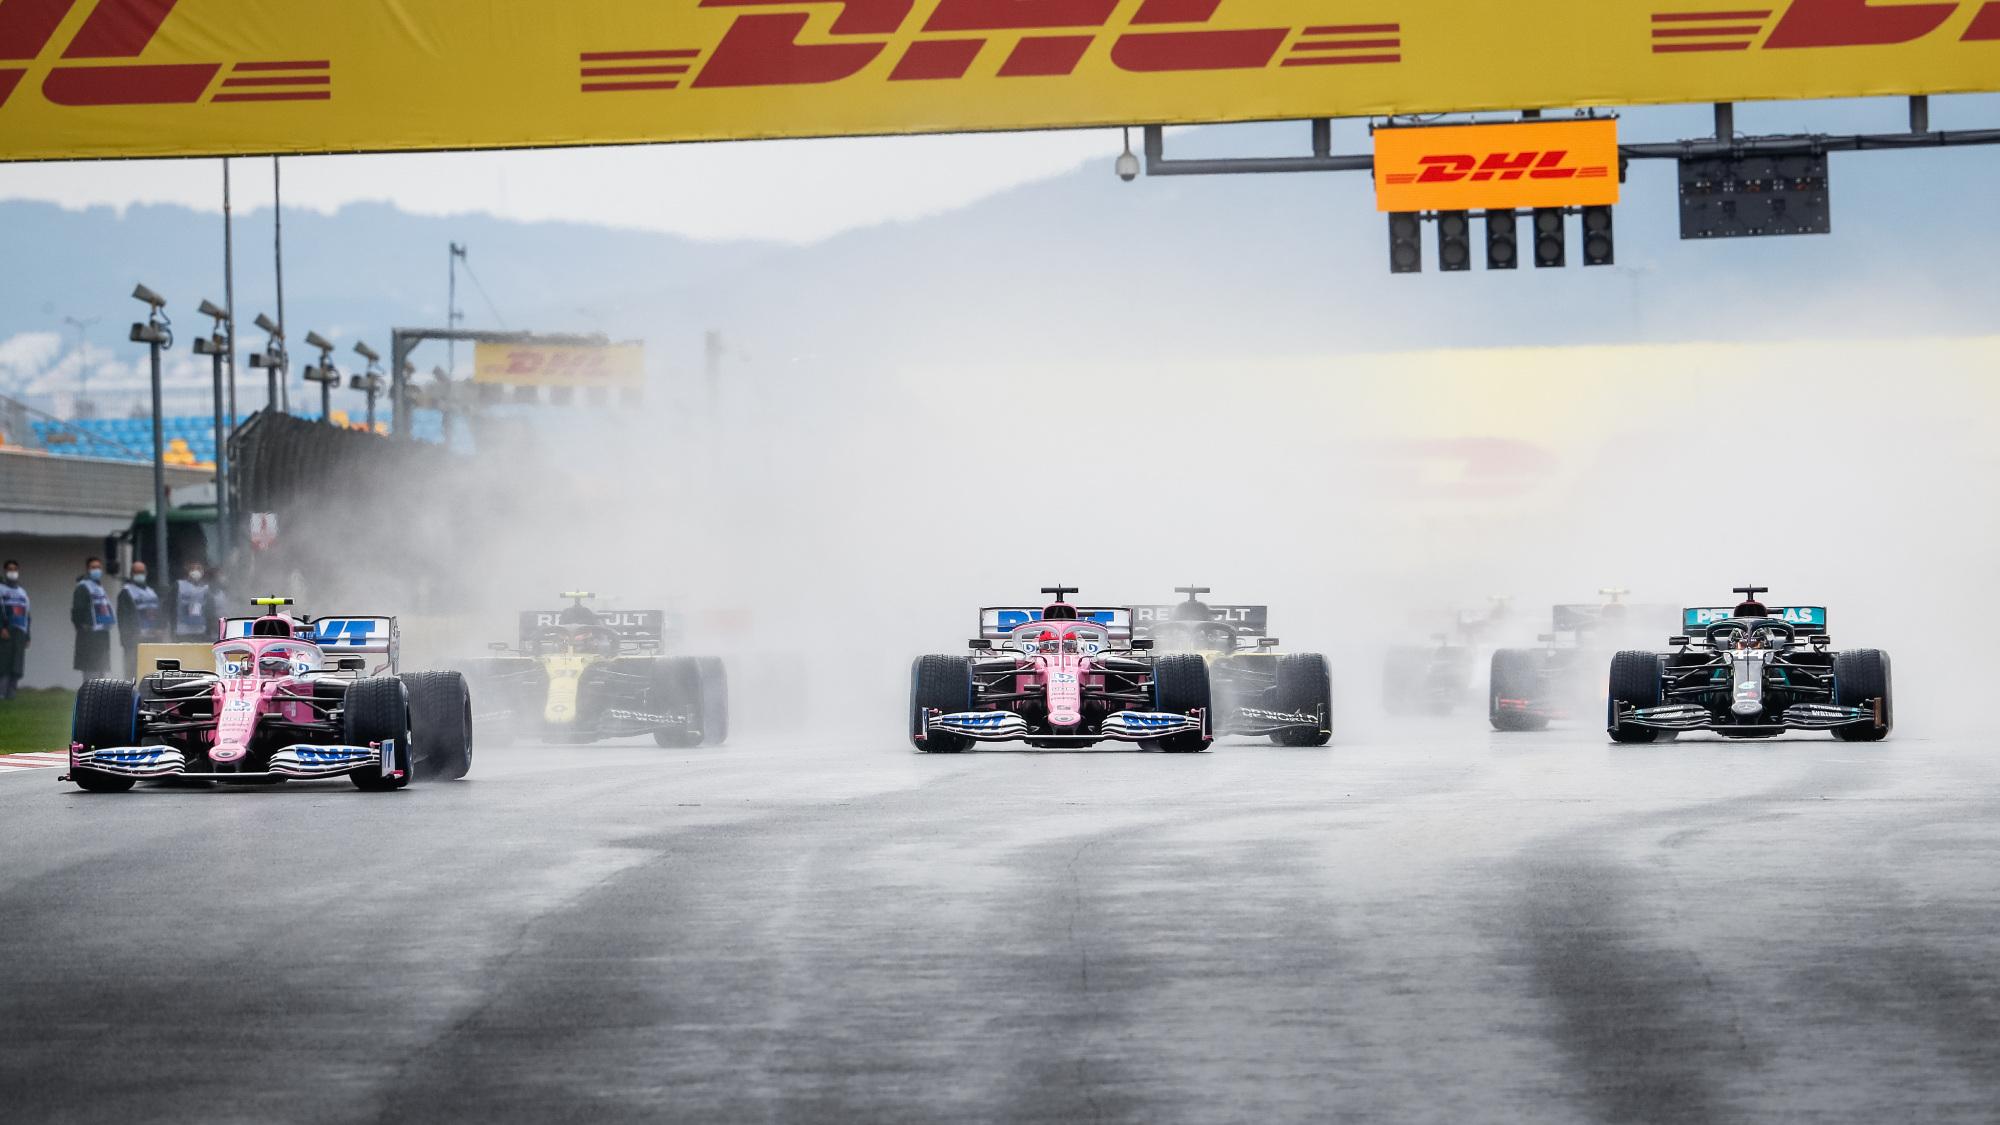 2020 Turkish GP start